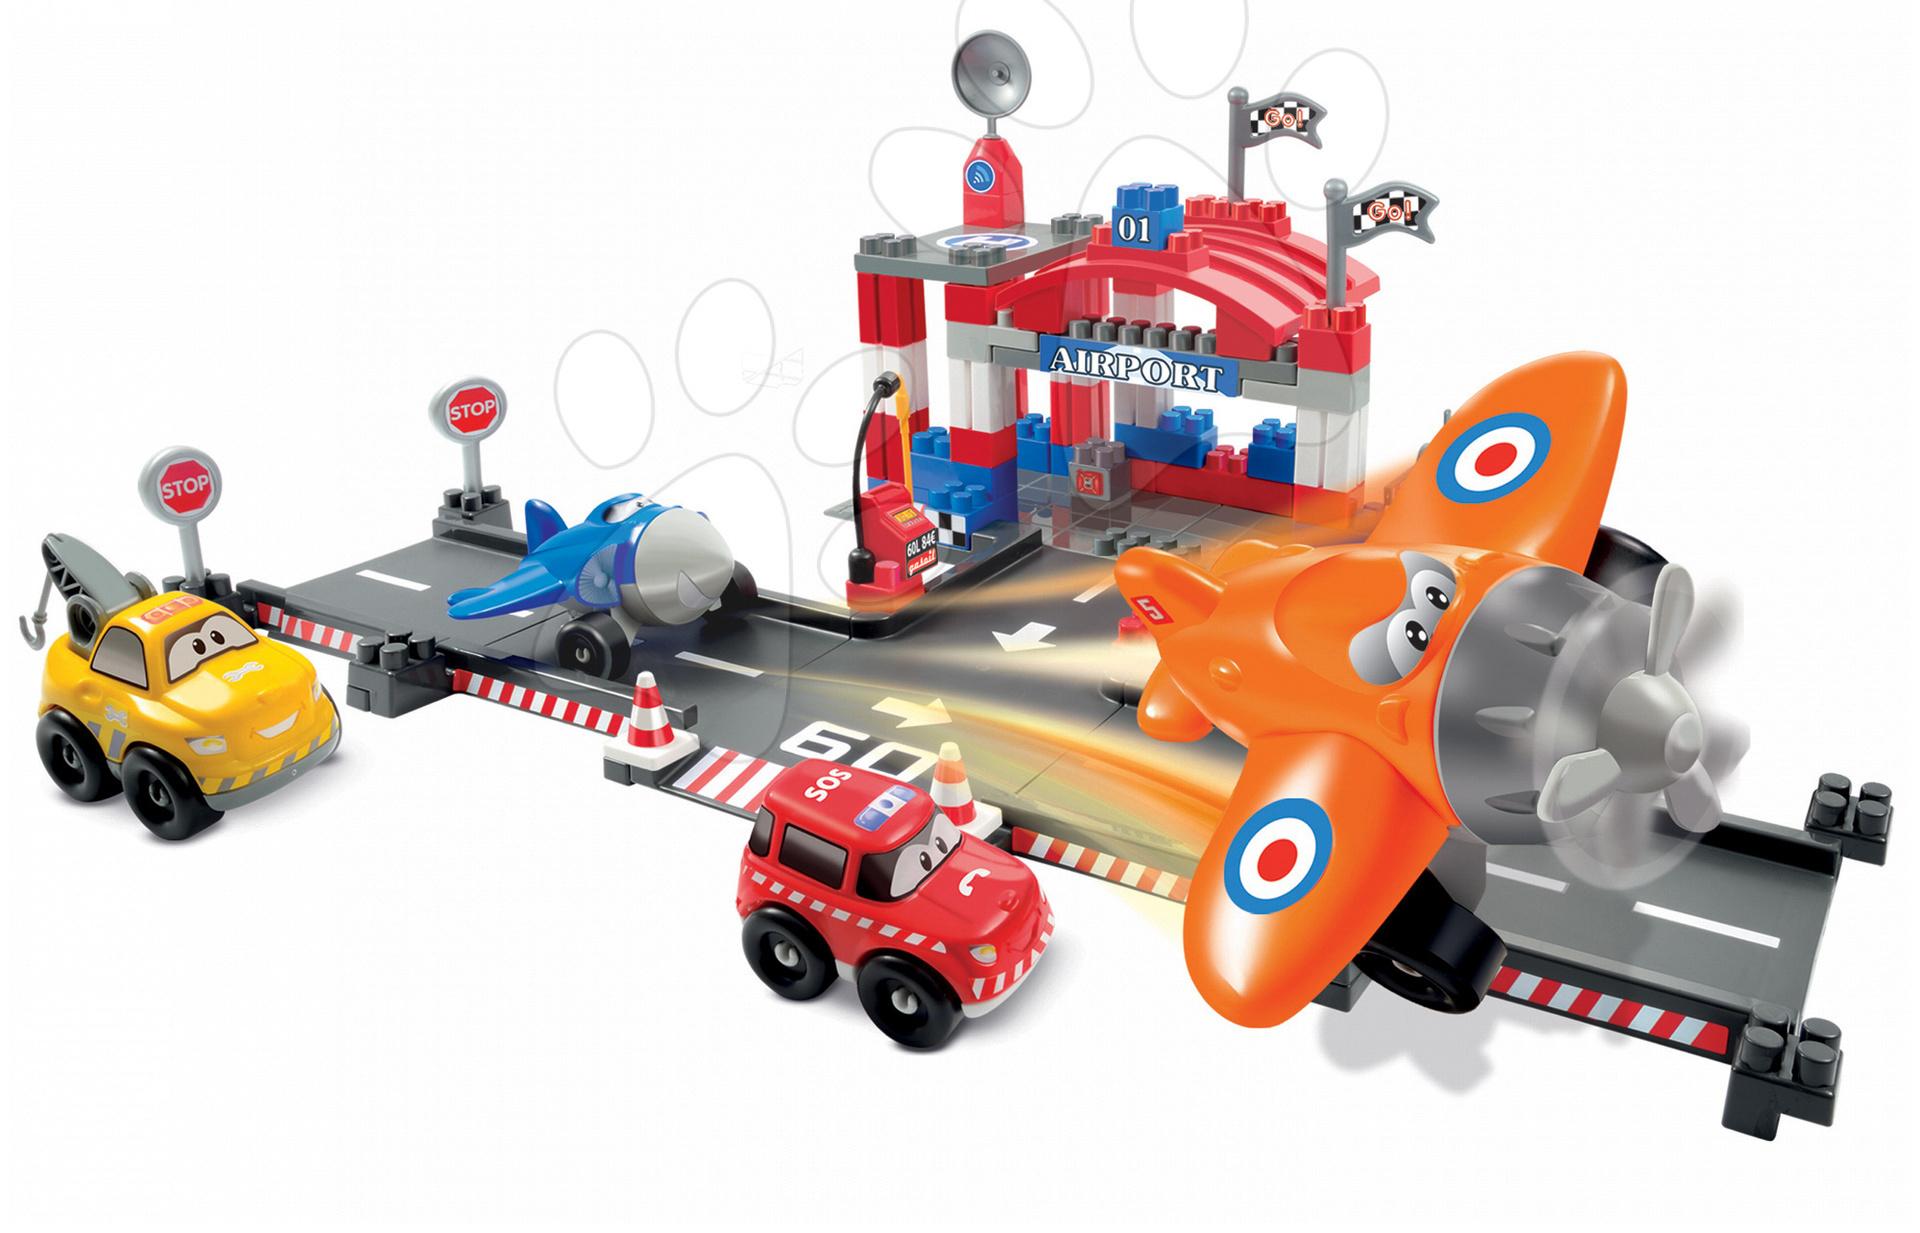 Stavebnice Abrick - Stavebnica Abrick - letisko Écoiffier s 2 autami a 2 lietadlami 87 dielov od 18 mes